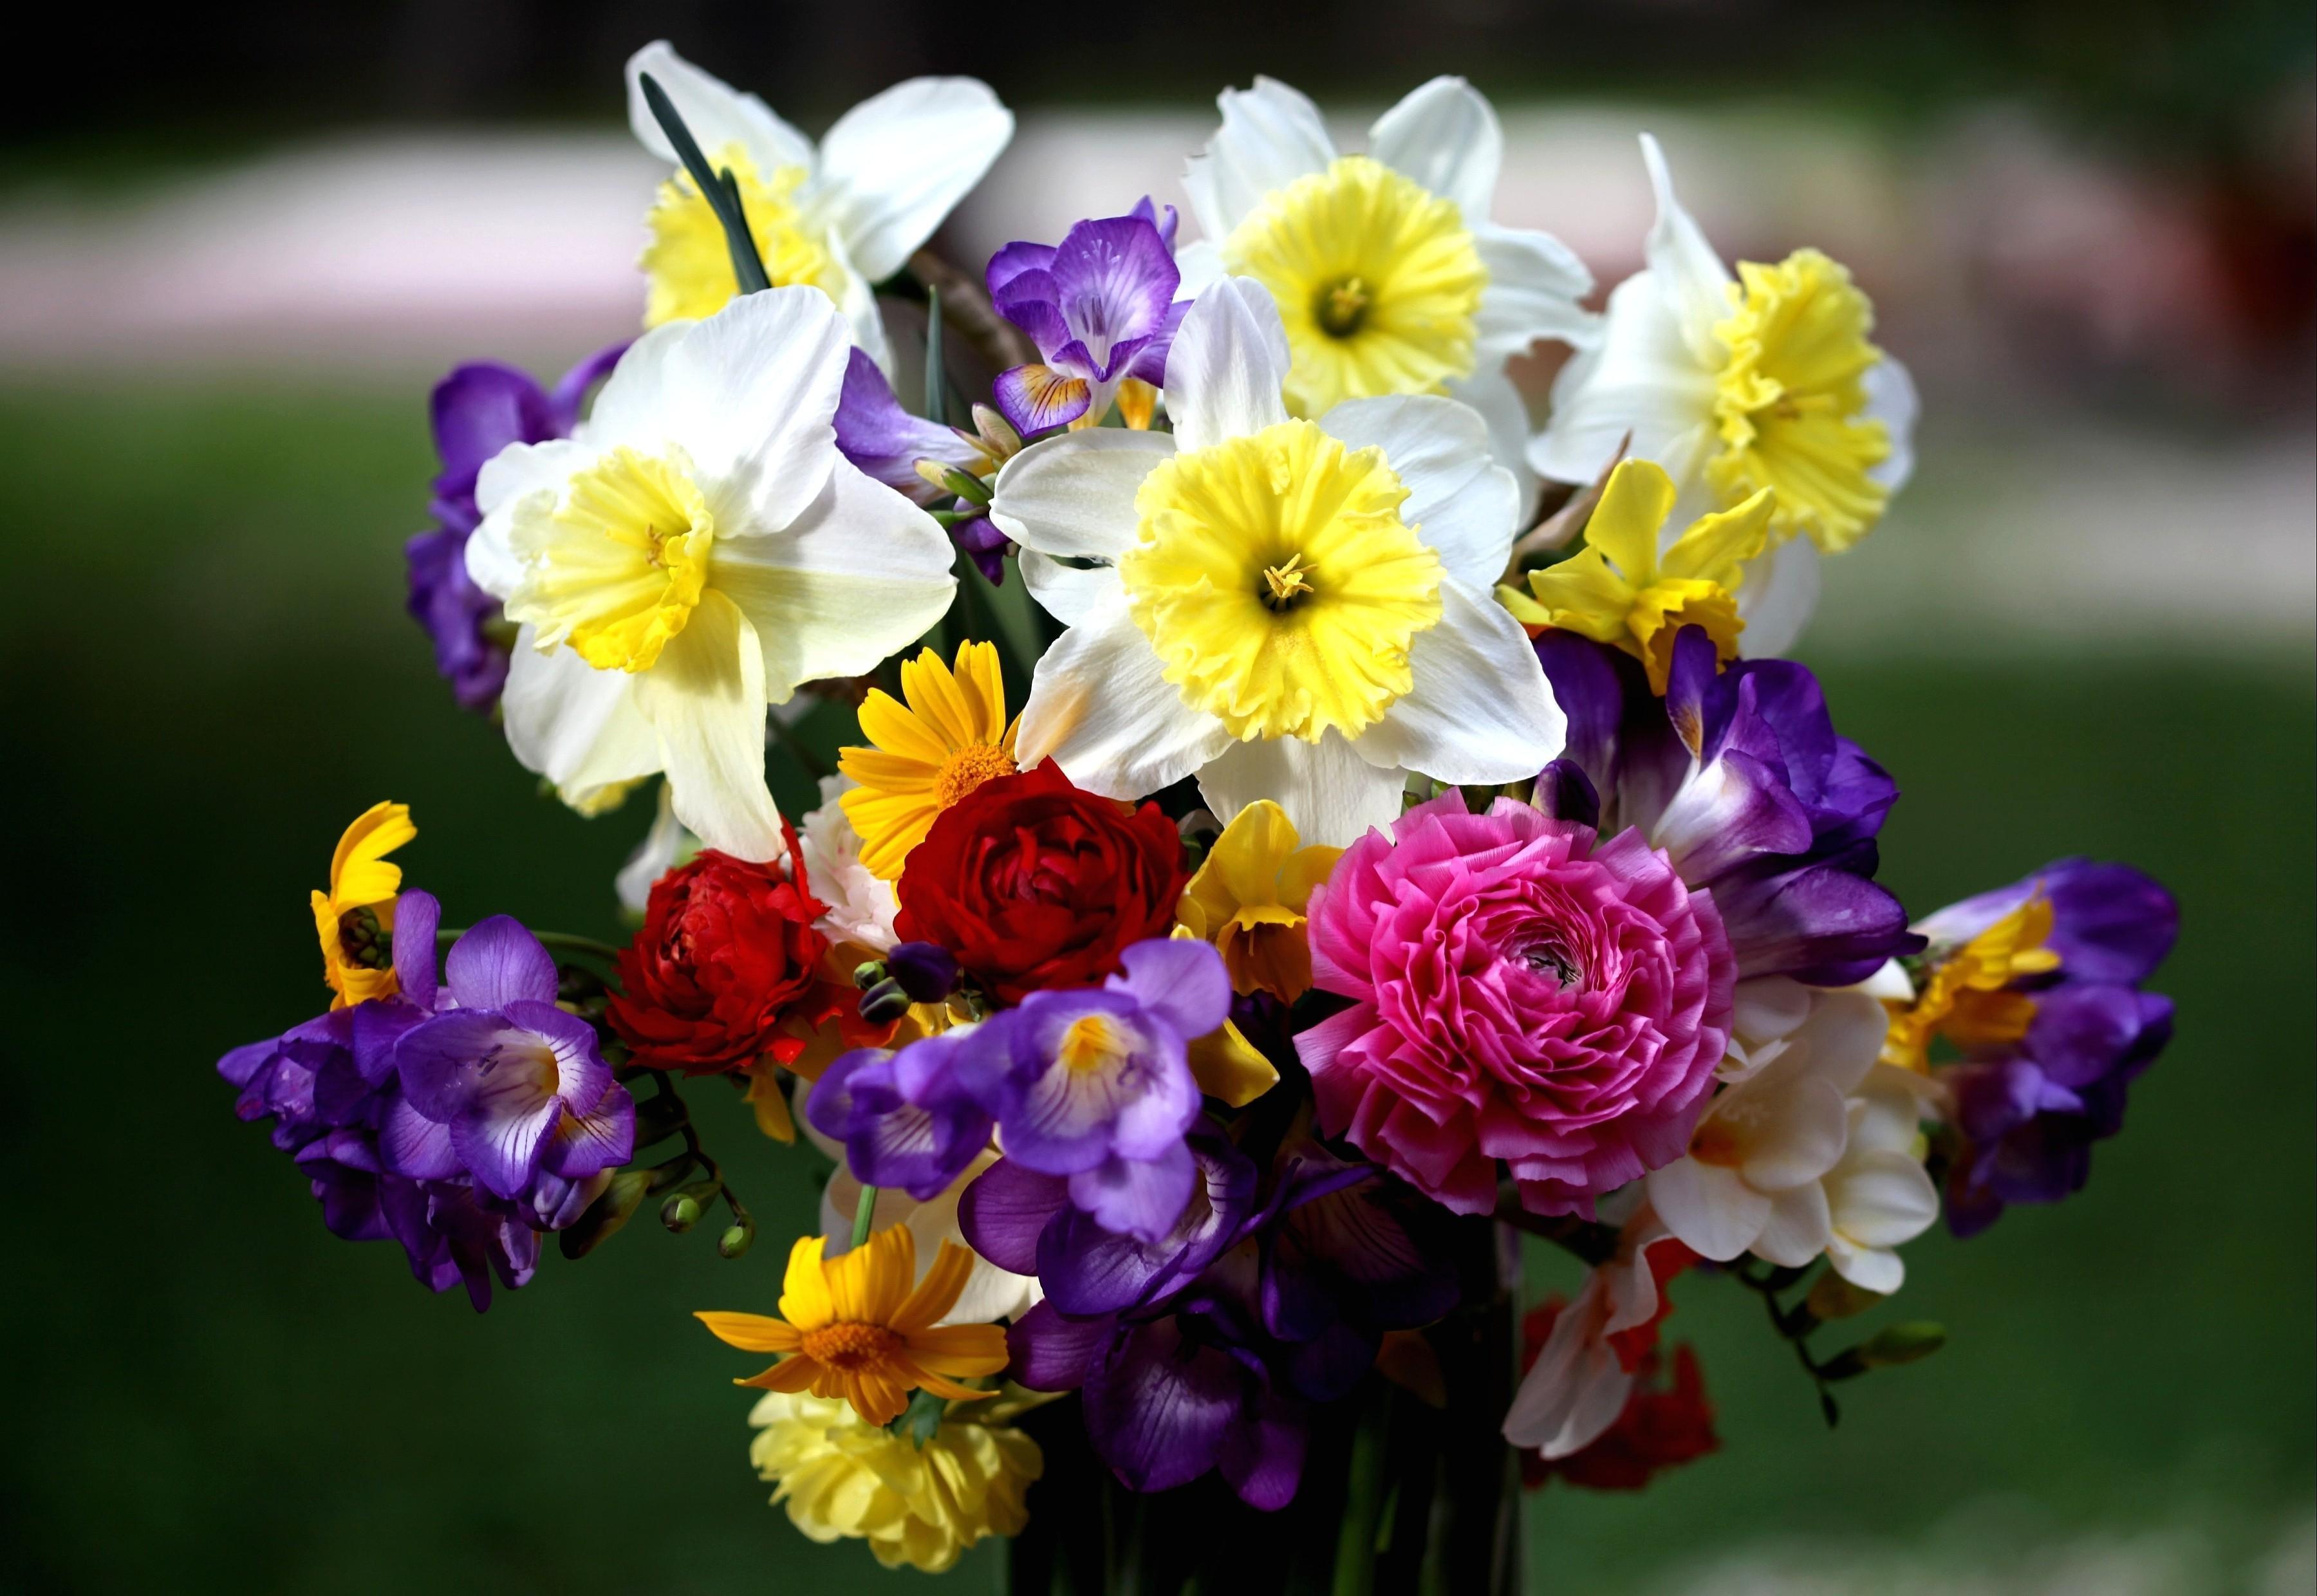 91358 Заставки и Обои Нарциссы на телефон. Скачать Розы, Цветы, Нарциссы, Букет, Фрезия картинки бесплатно